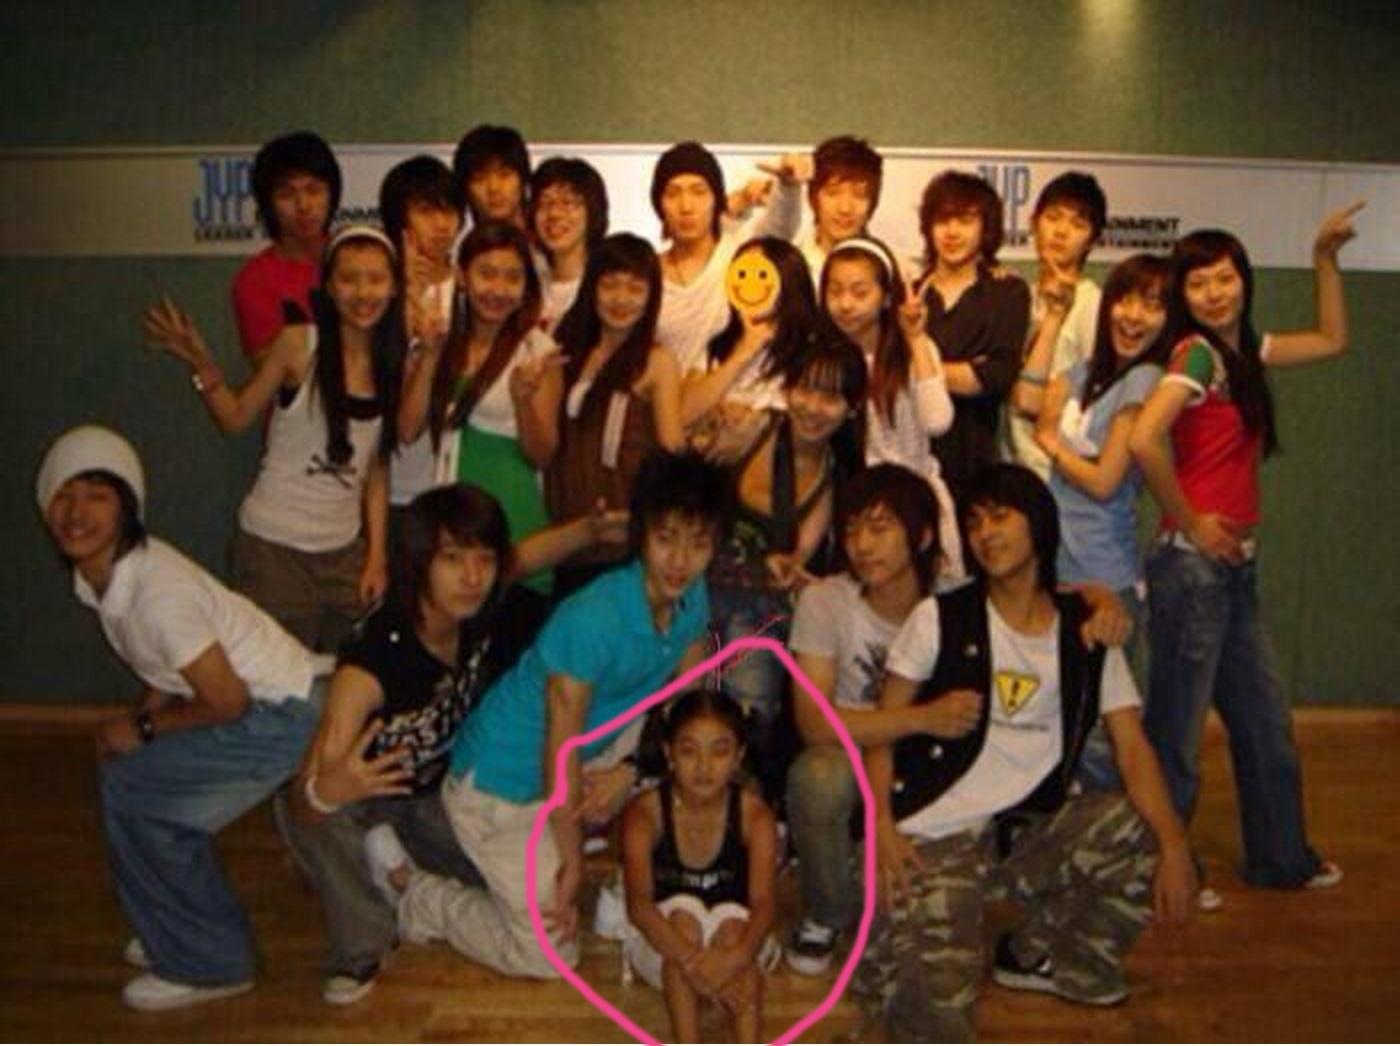 Nhìn lại con đường debut chông gai của một số thành viên đến từ các nhóm nhạc hàng đầu hiện tại - Ảnh 2.